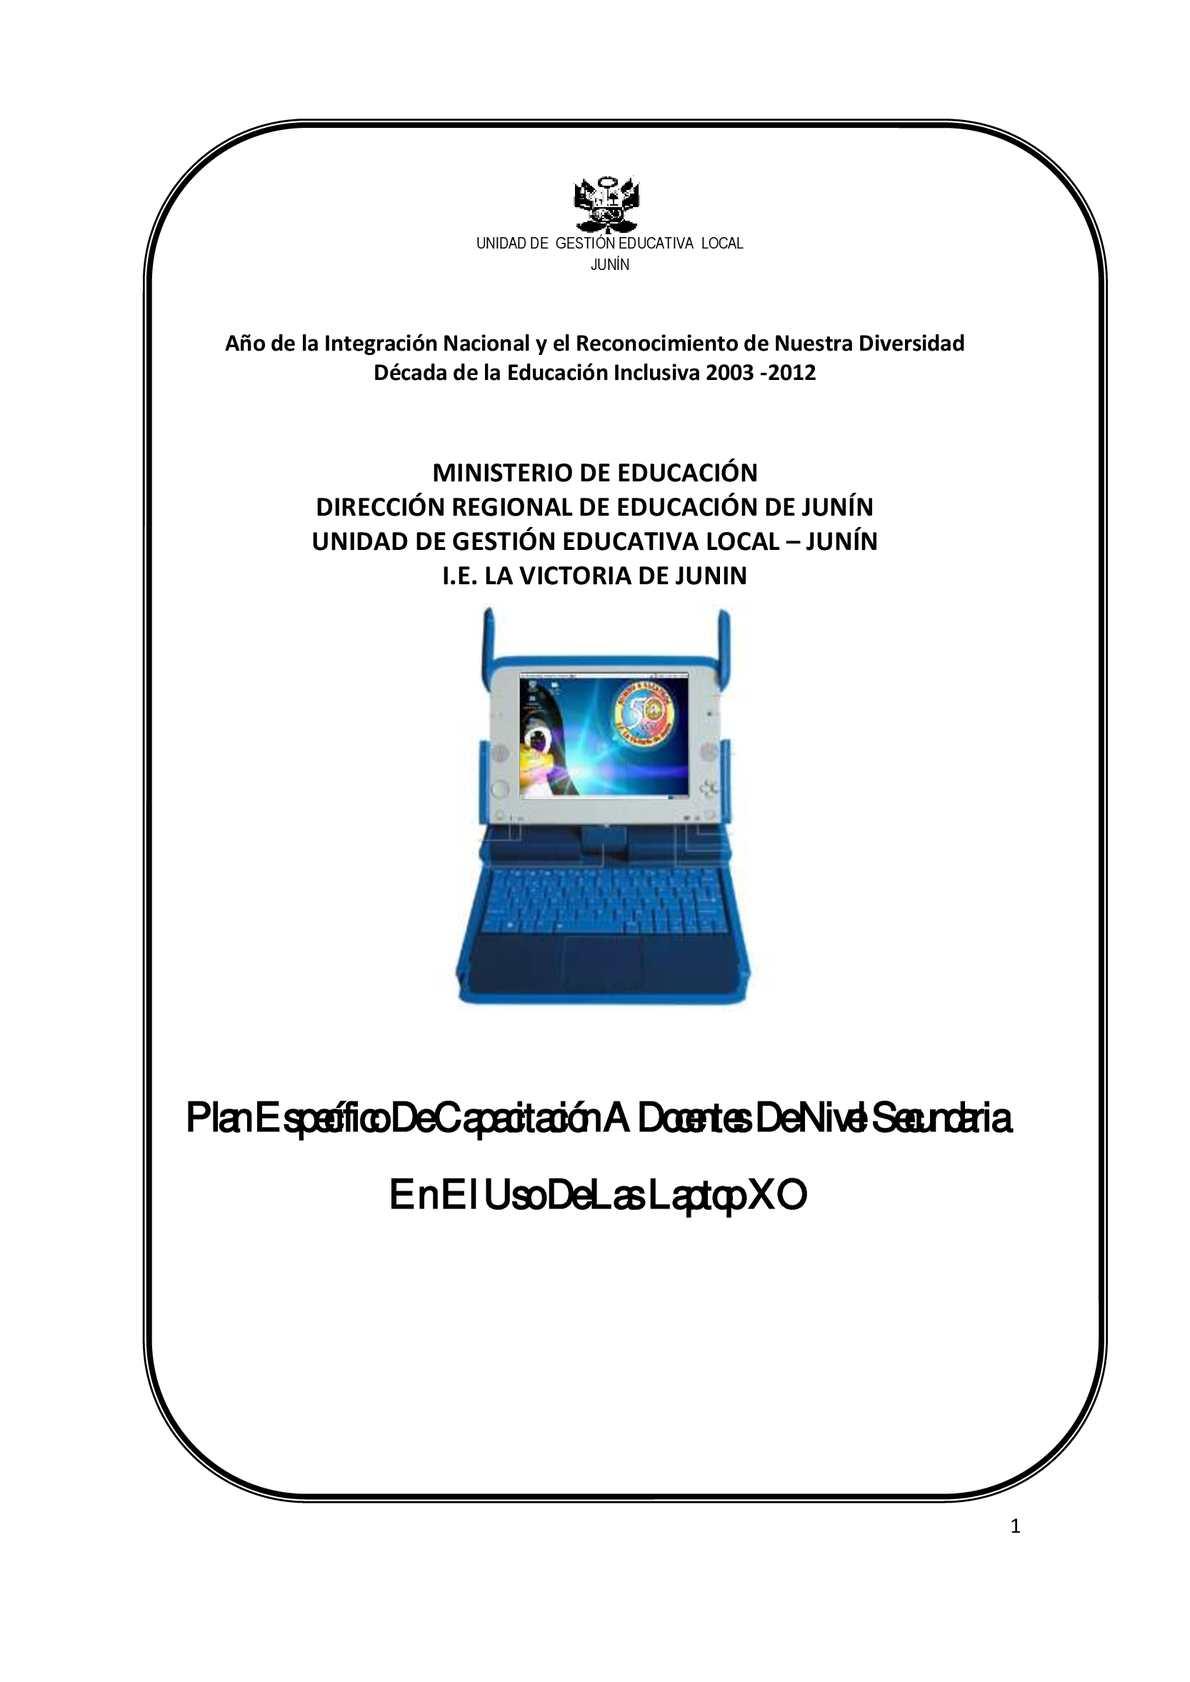 PLAN ESPECIFICO DE CAPACITACION XO - SECUNDARIA